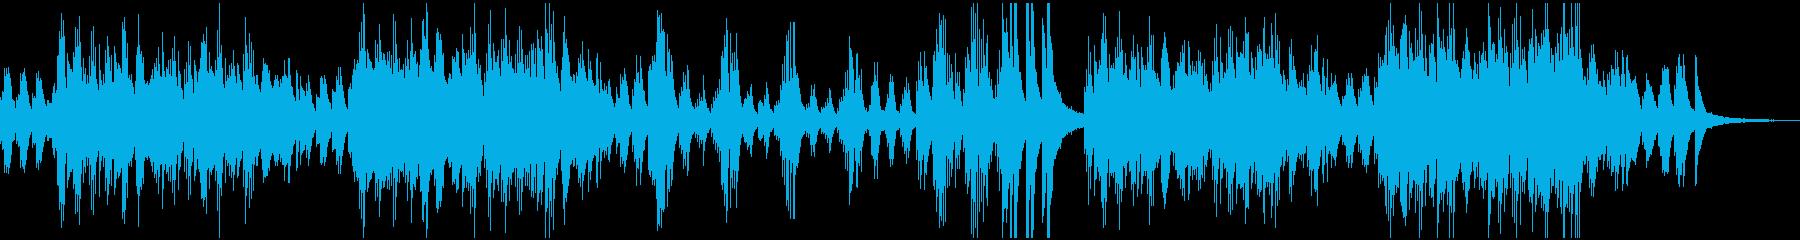 前向きで明るいイメージのピアノソロの再生済みの波形